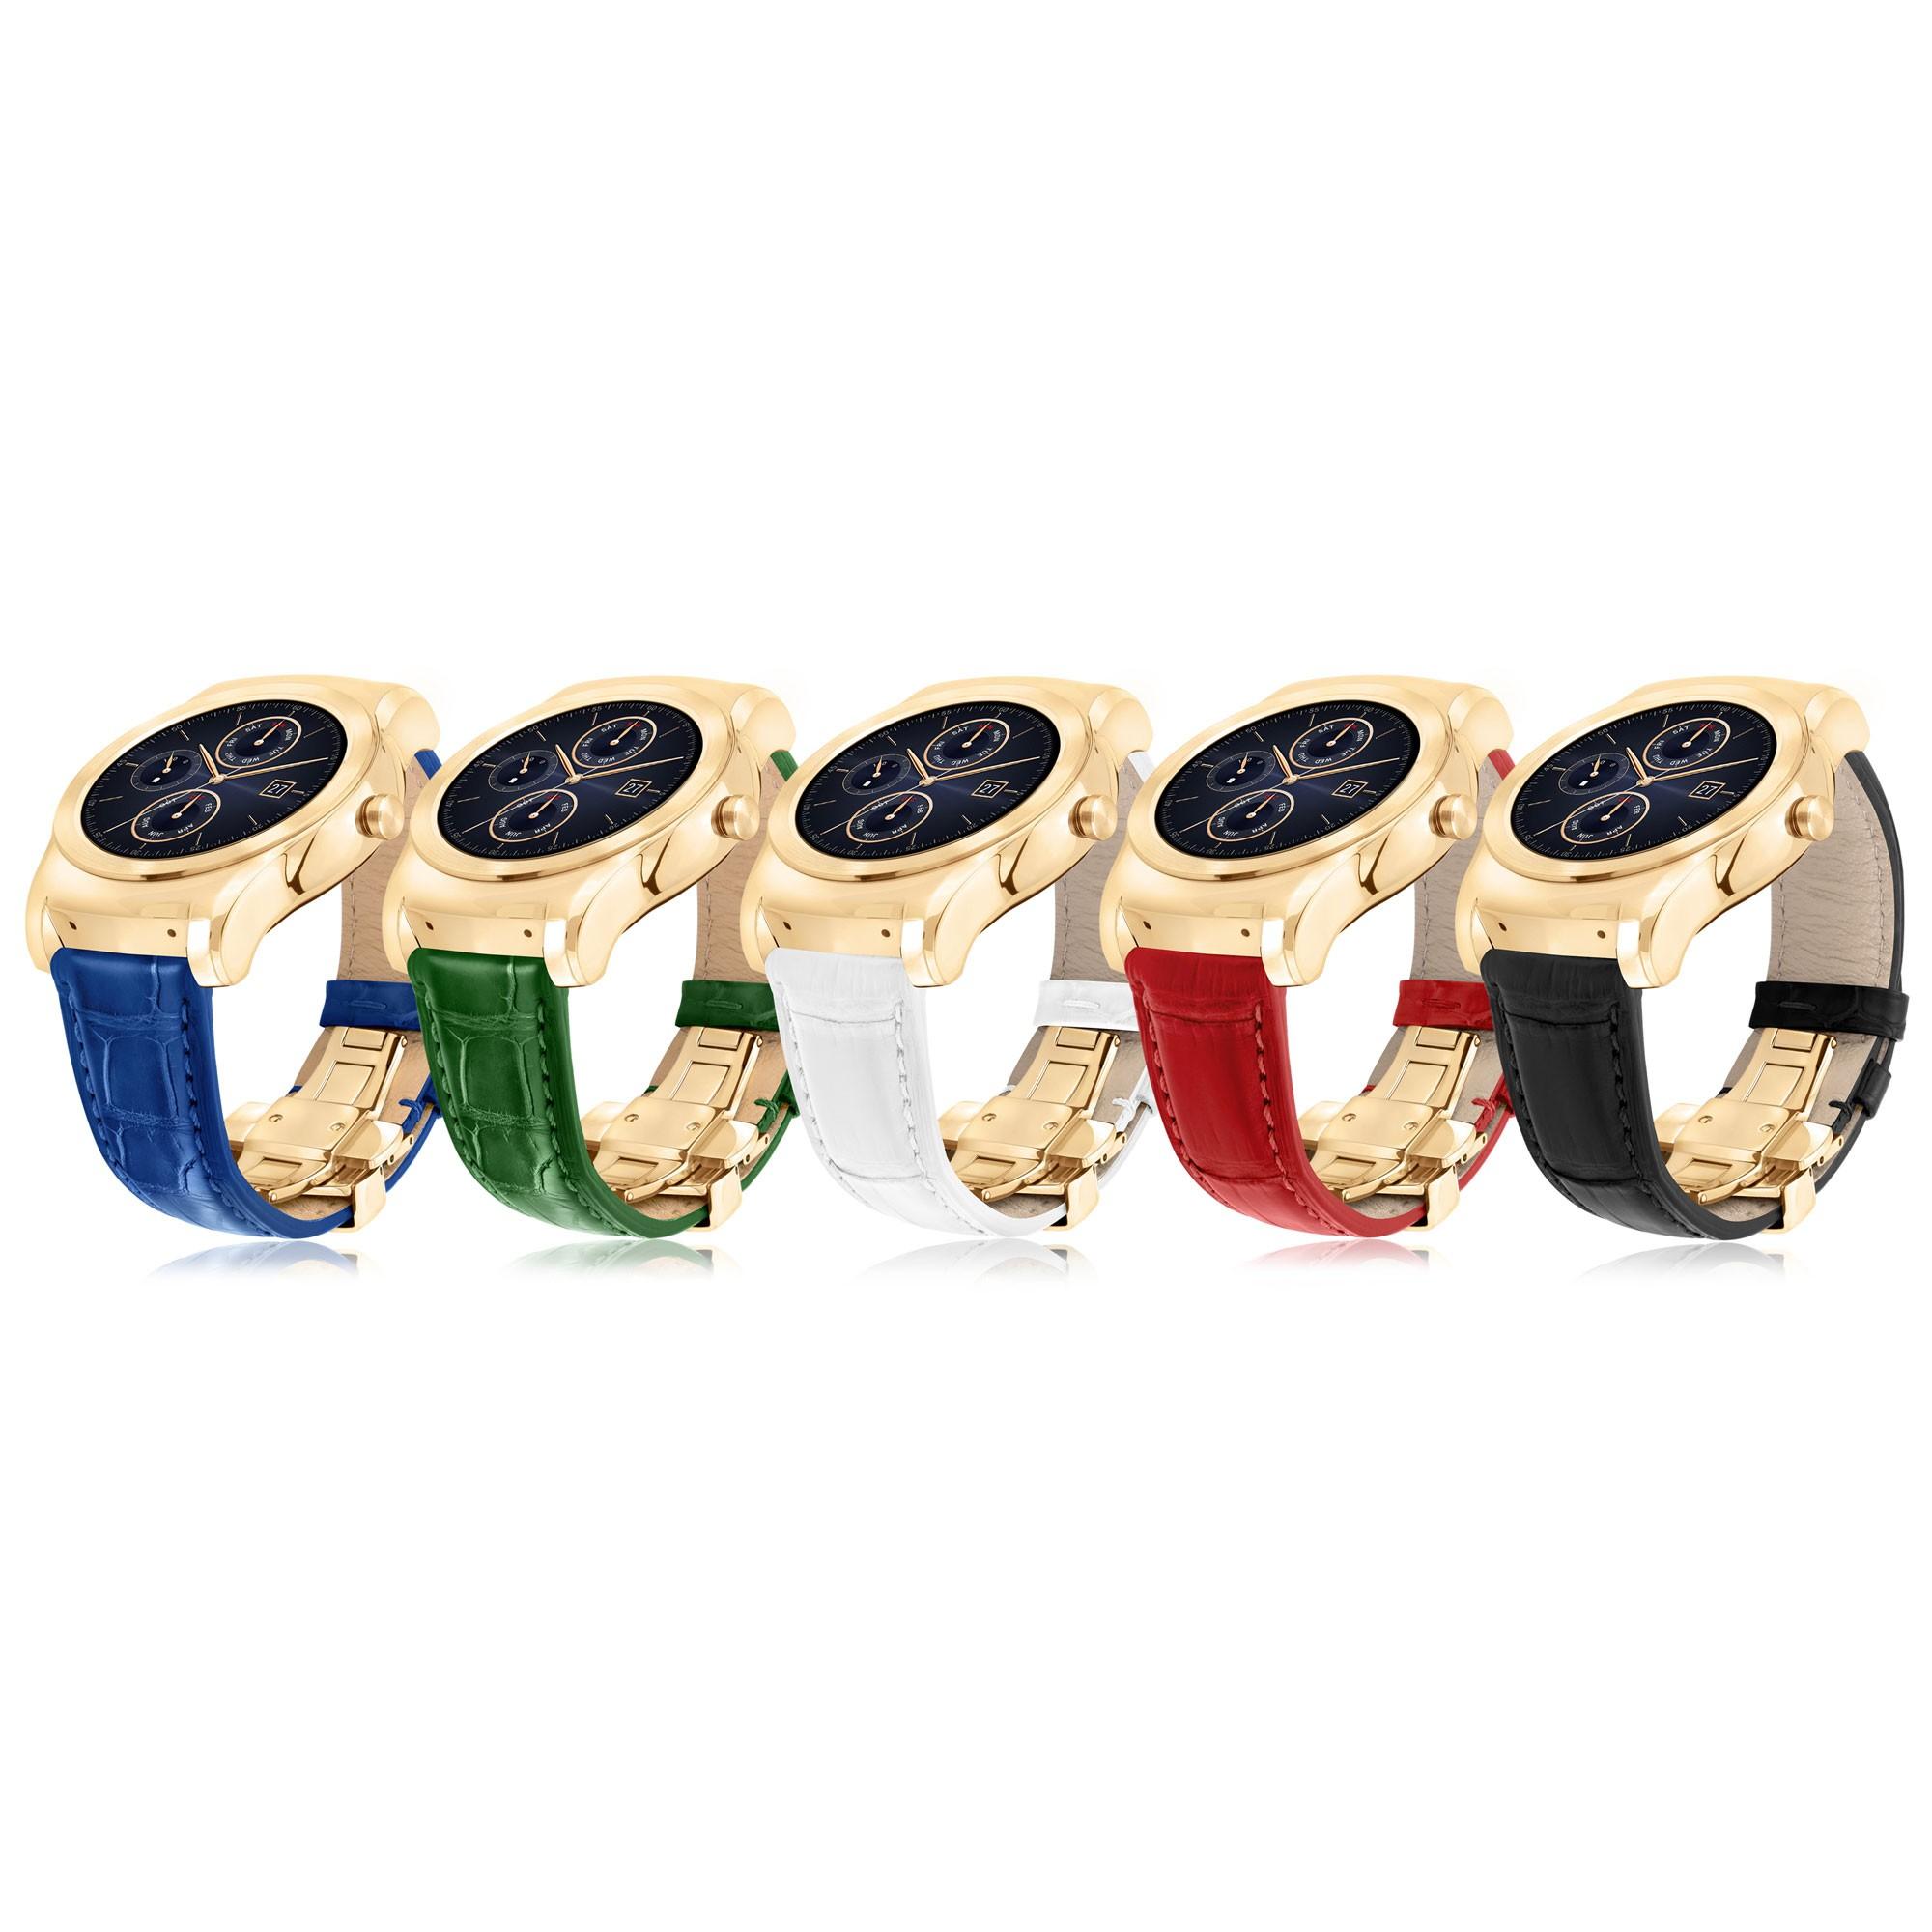 LG smartwatch dây cá sấu - LG ra mắt đồng hồ Watch Urbane Luxe với dây da cá sấu